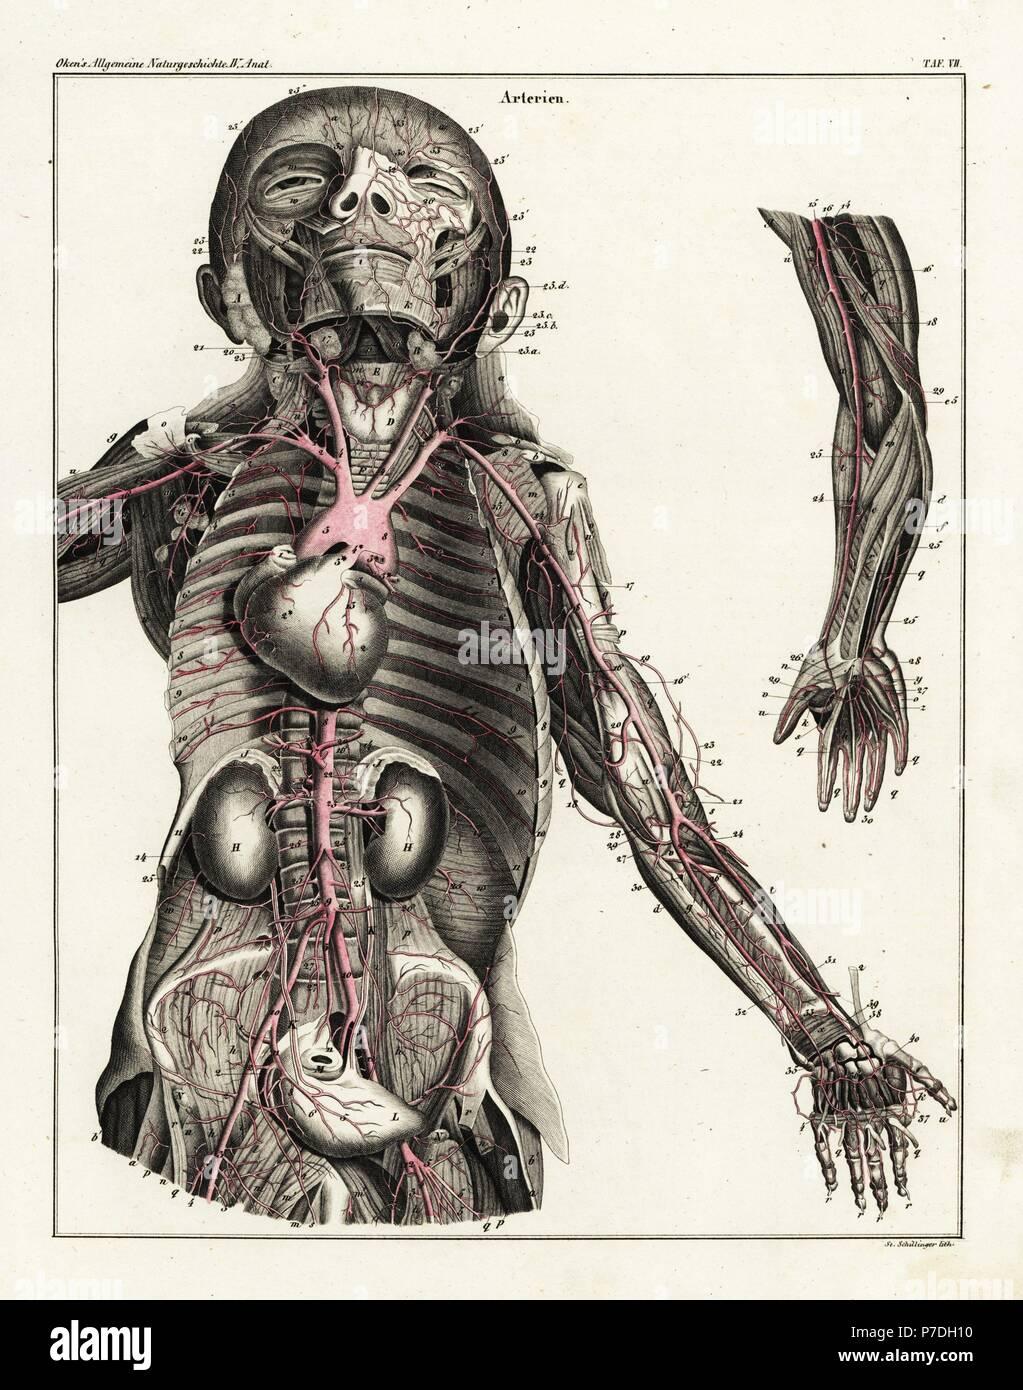 Anatomie des menschlichen arteriellen System in den Oberkörper ...